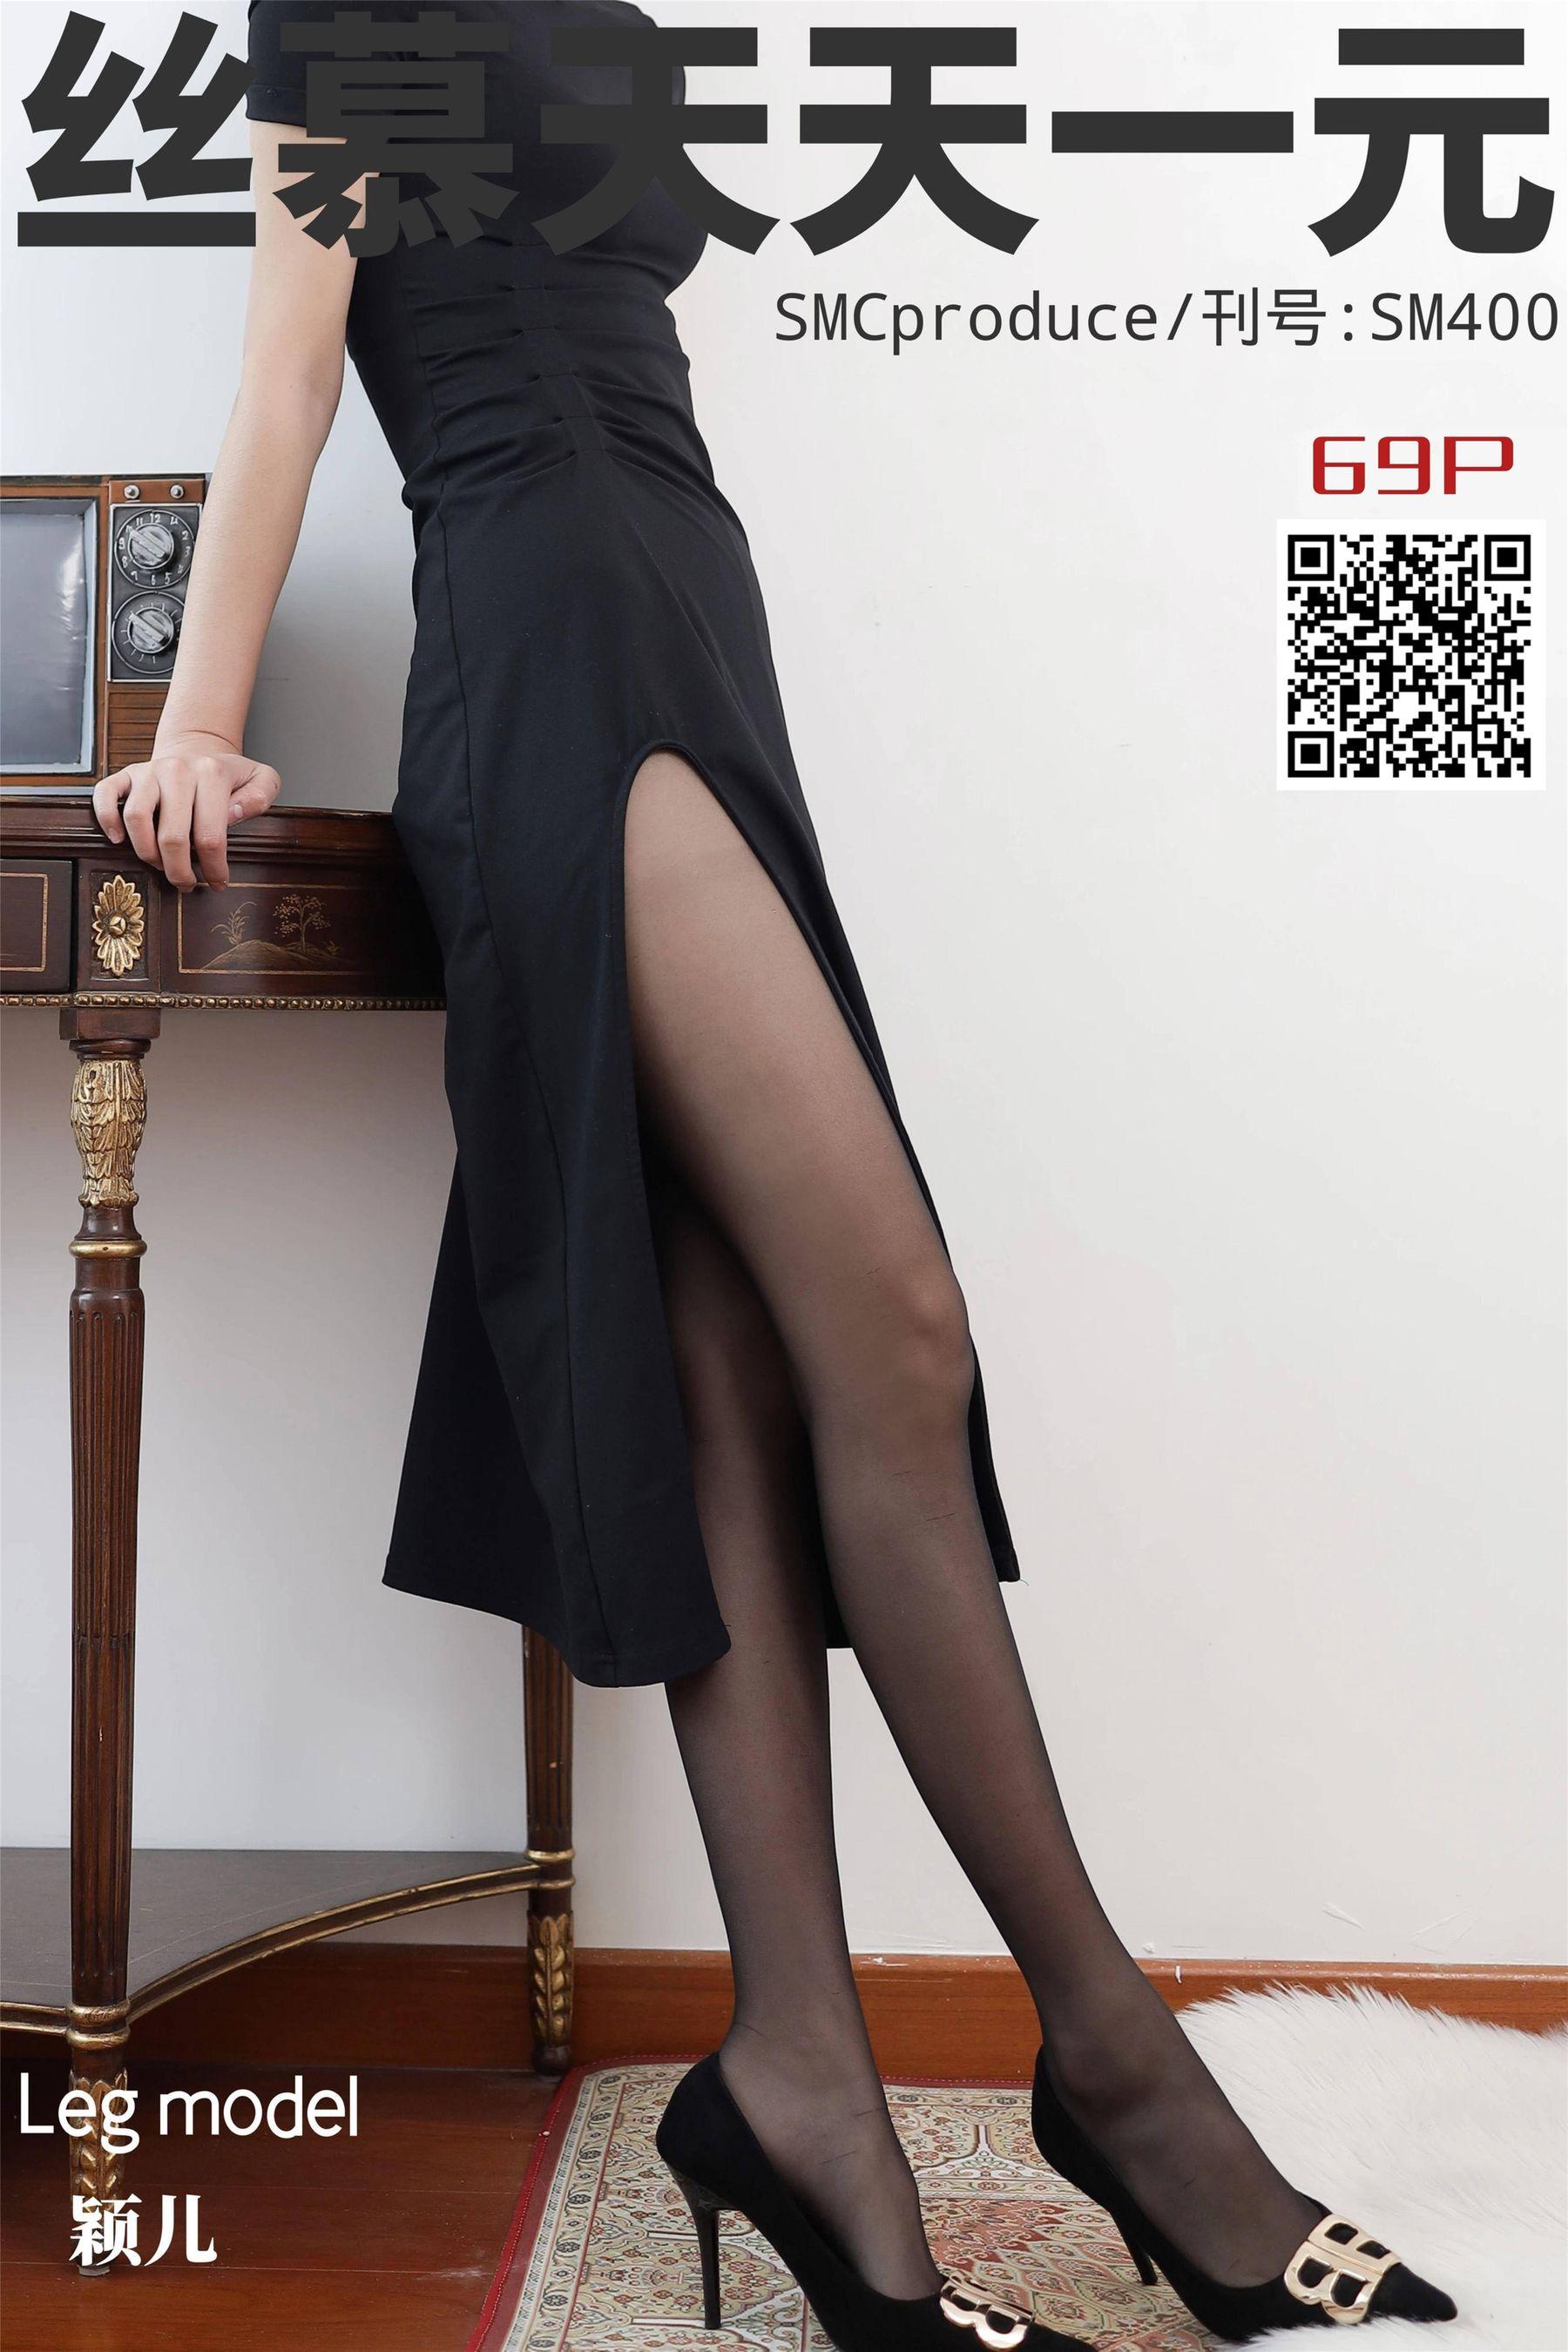 [丝慕]颖儿SM400超高清写真大图片(73P)|366热度